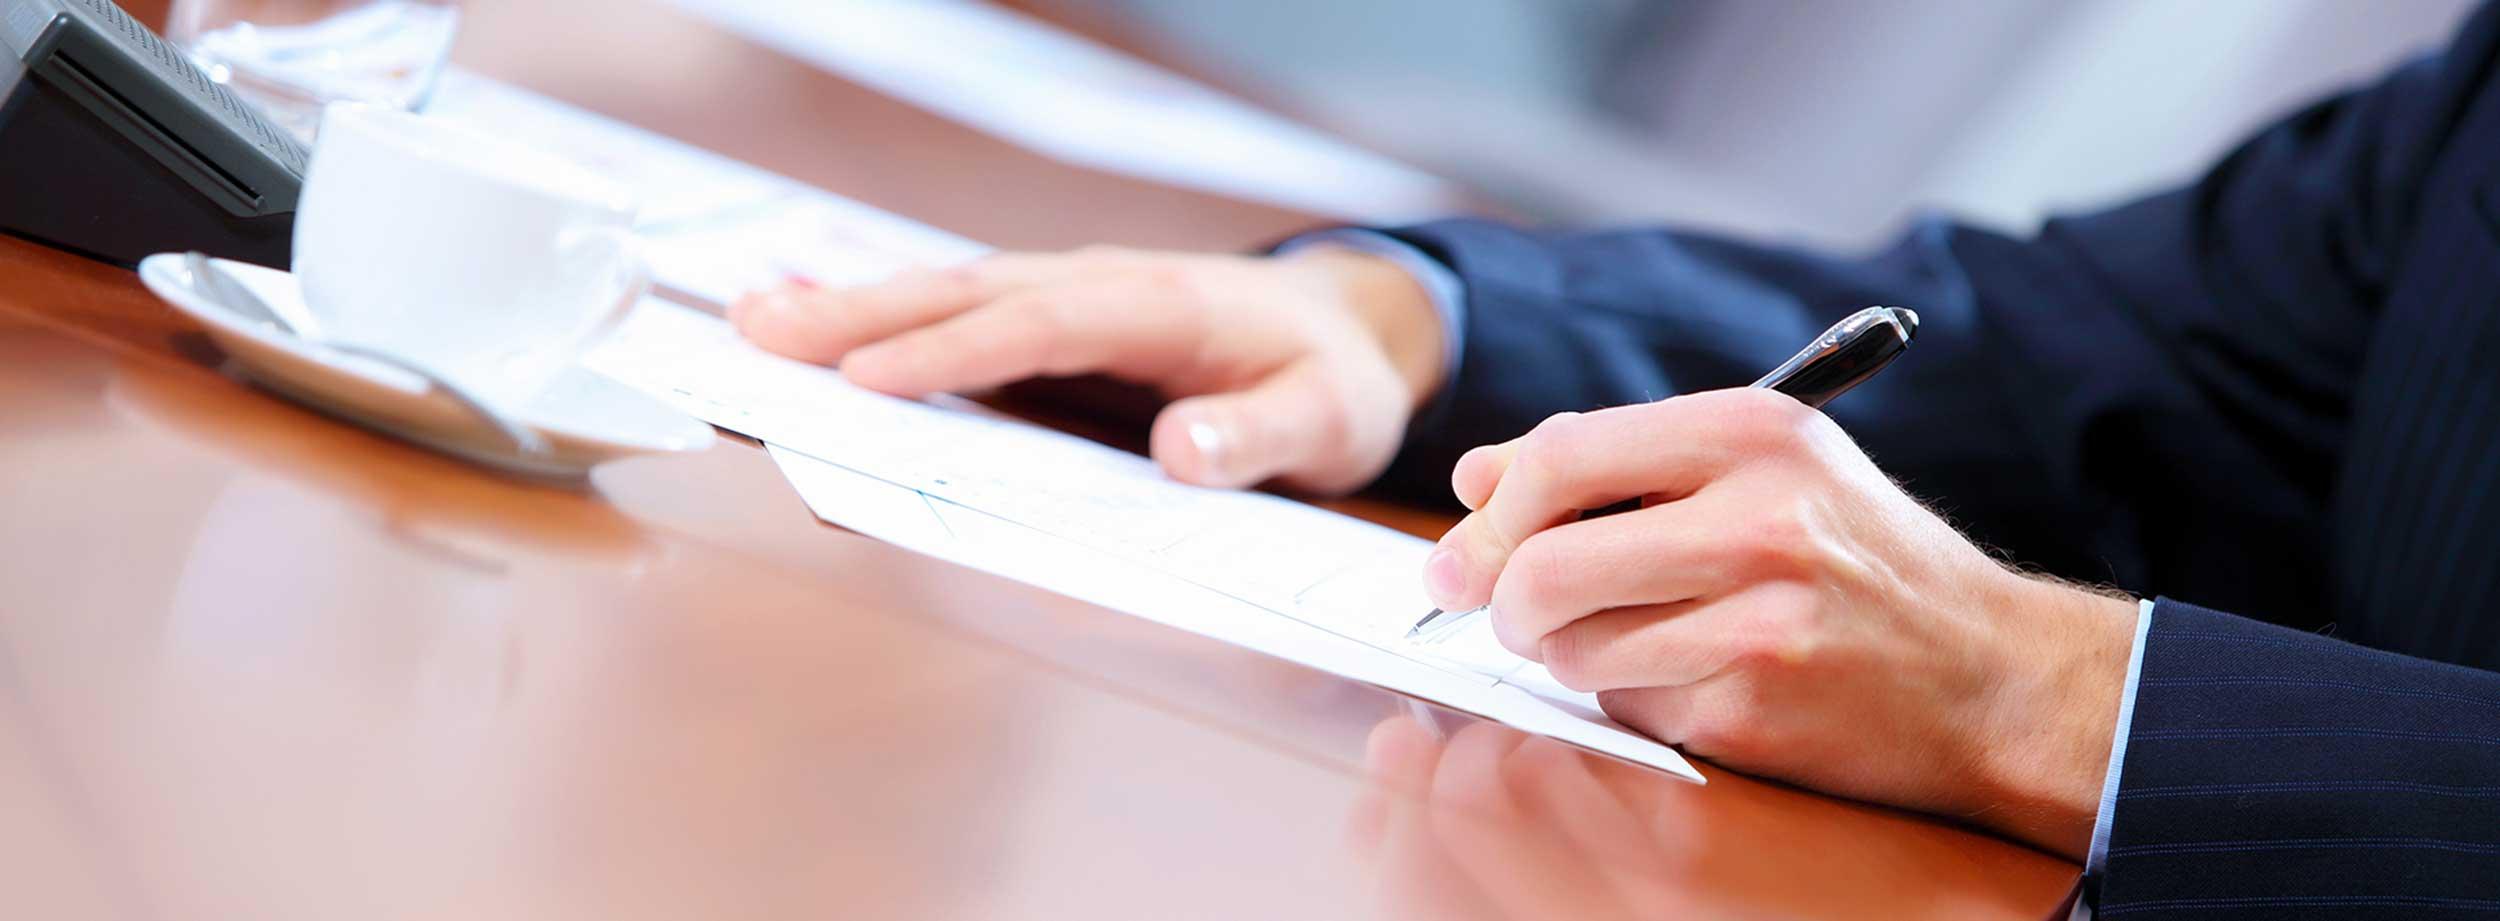 dokument, zmluva, klient, podpis zmluvy